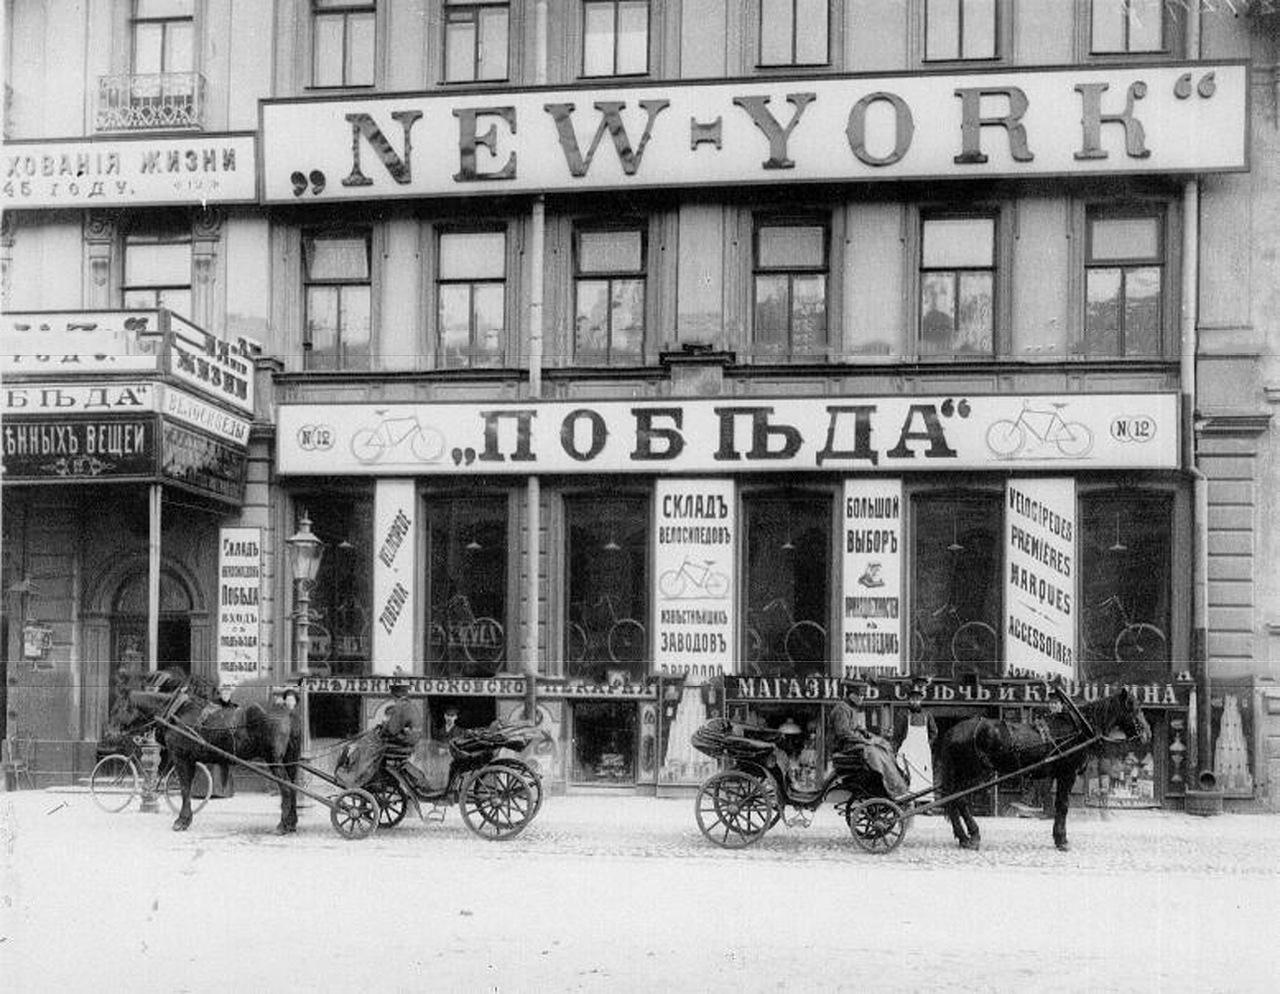 0_ac957_2742519a_XXXLФасад здания по Морской улице д.12, где находился торговый дом Победа фирмы Н.В.Соколов и К°.